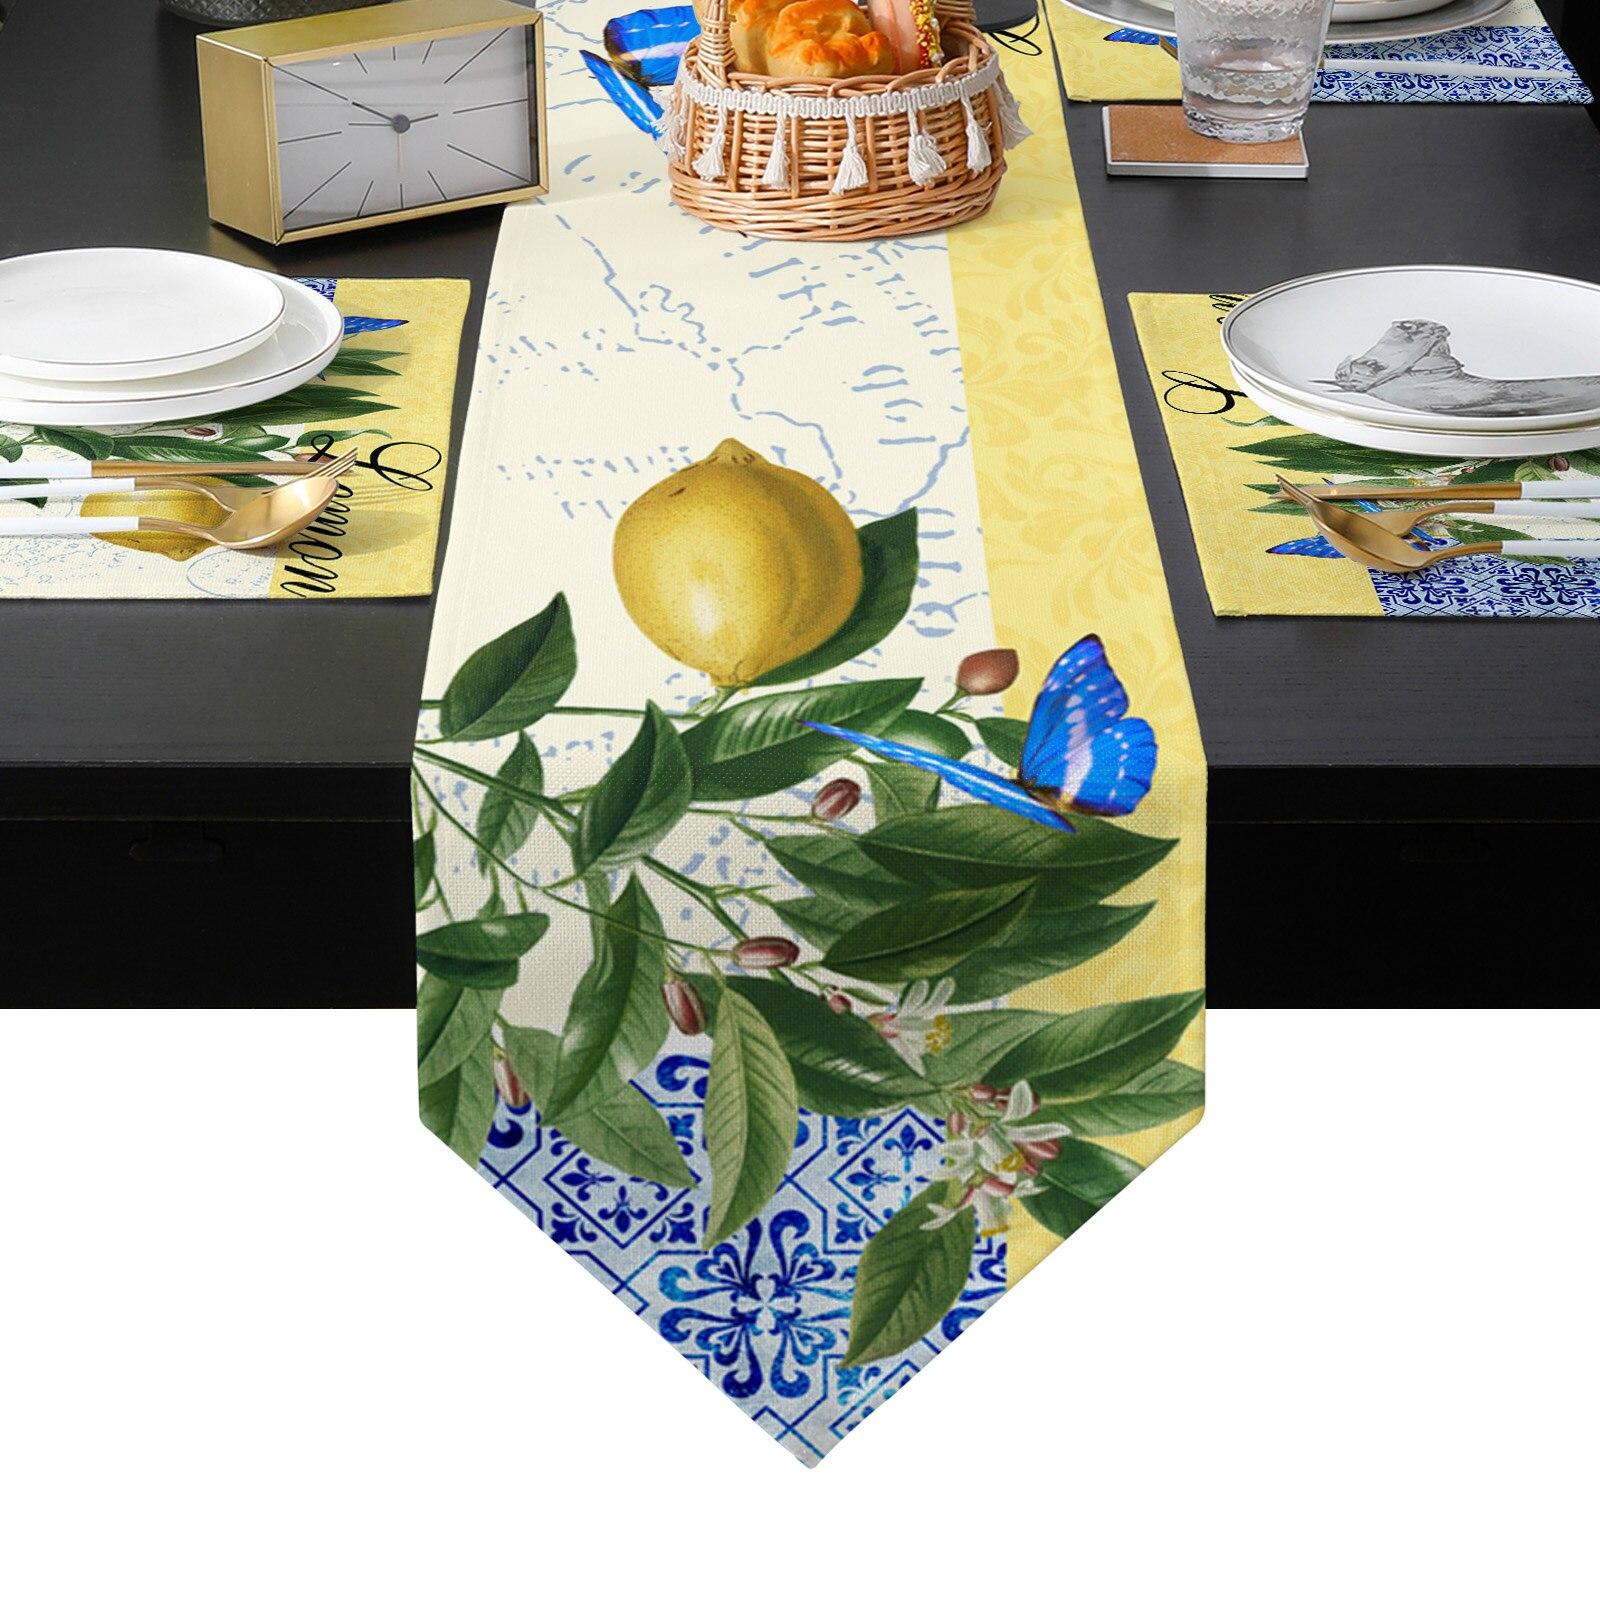 المغربي نمط فراشة الليمون الجدول عداء تحديد الموقع مجموعة مفرش طاولة طعام حصيرة المنزل الزفاف الجدول الديكور